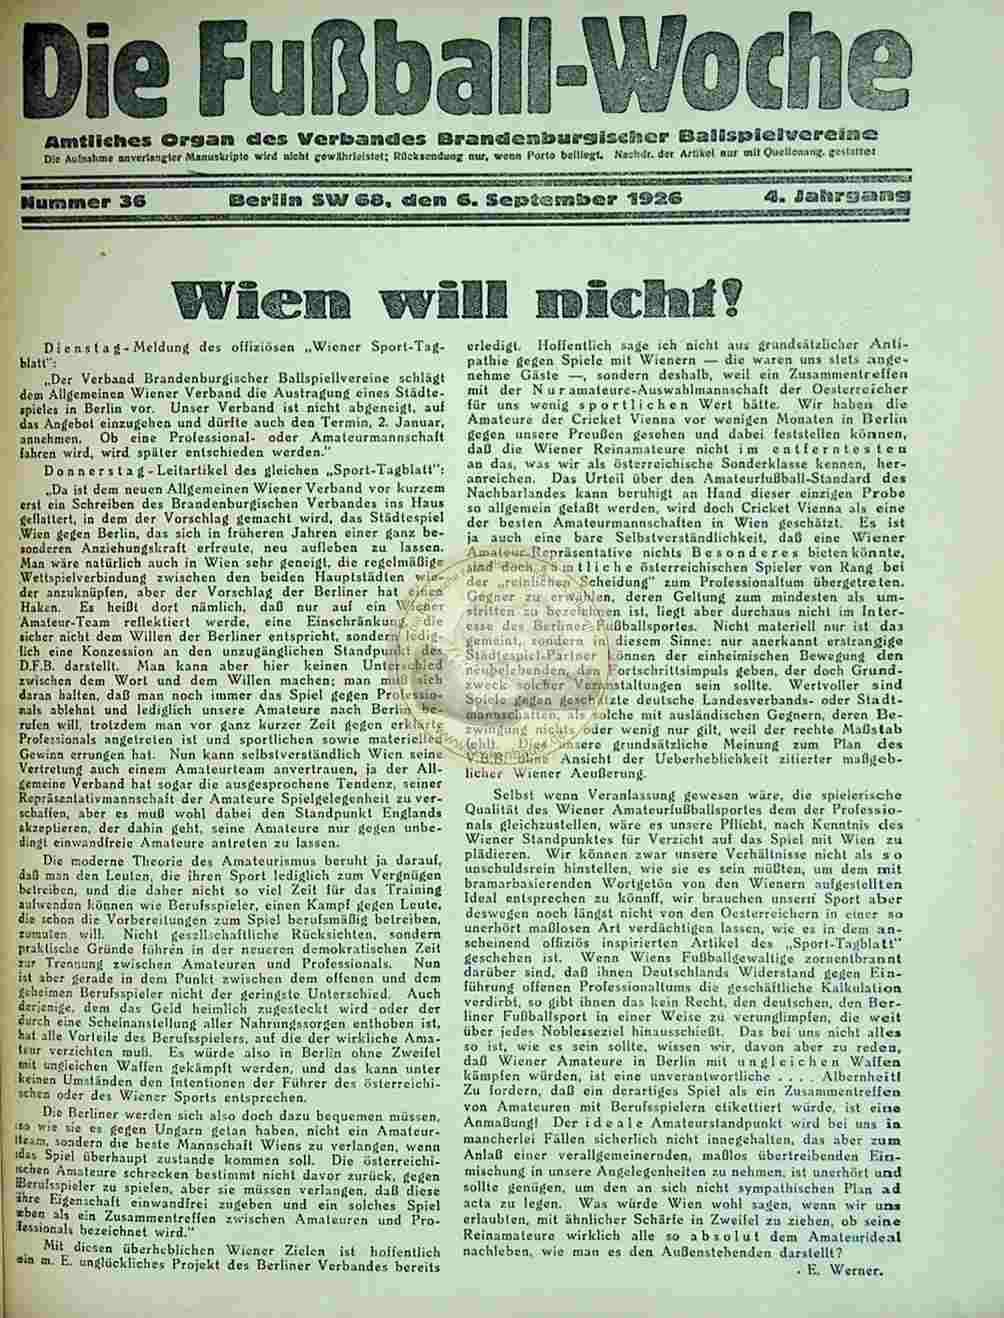 1926 September 6. Fussball-Woche Nr. 36